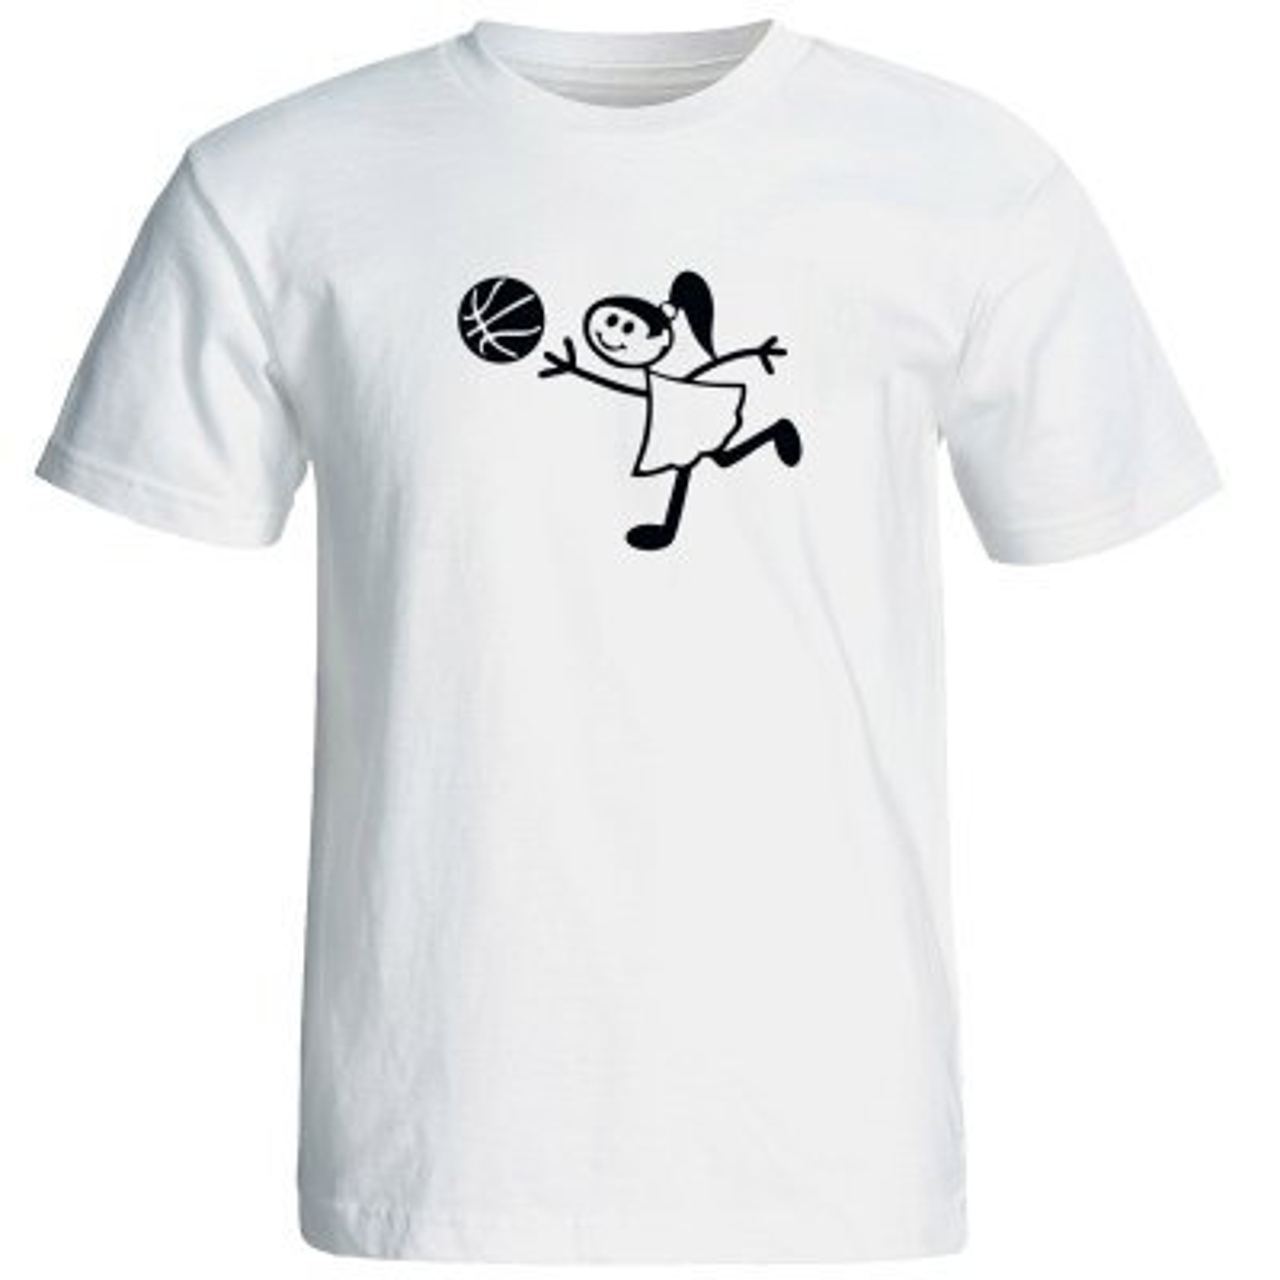 تی شرت زنانه طرح بسکتبال کد 12749